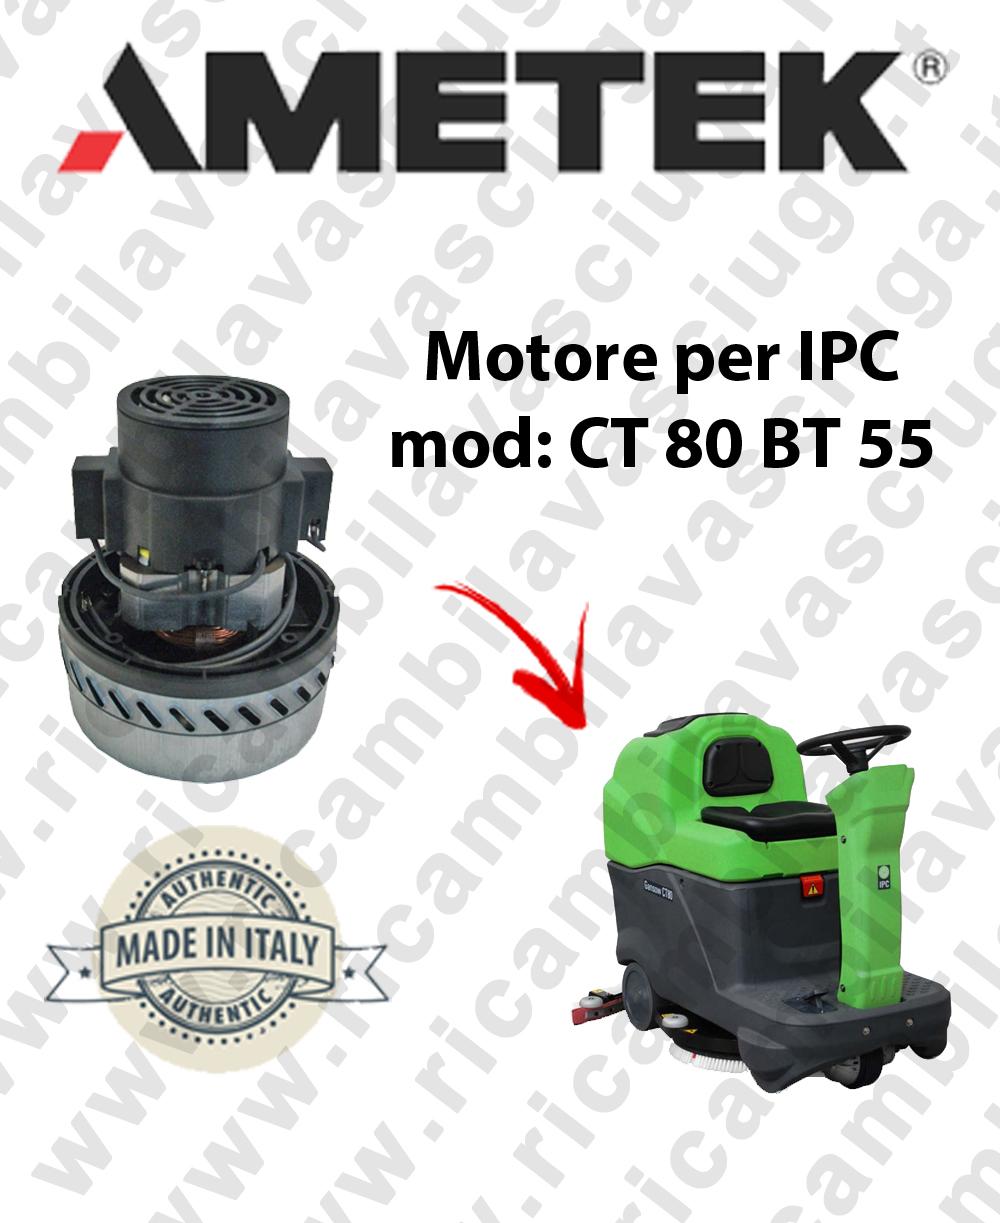 CT 80 BT 55 MOTORE AMETEK di aspirazione per lavapavimenti IPC